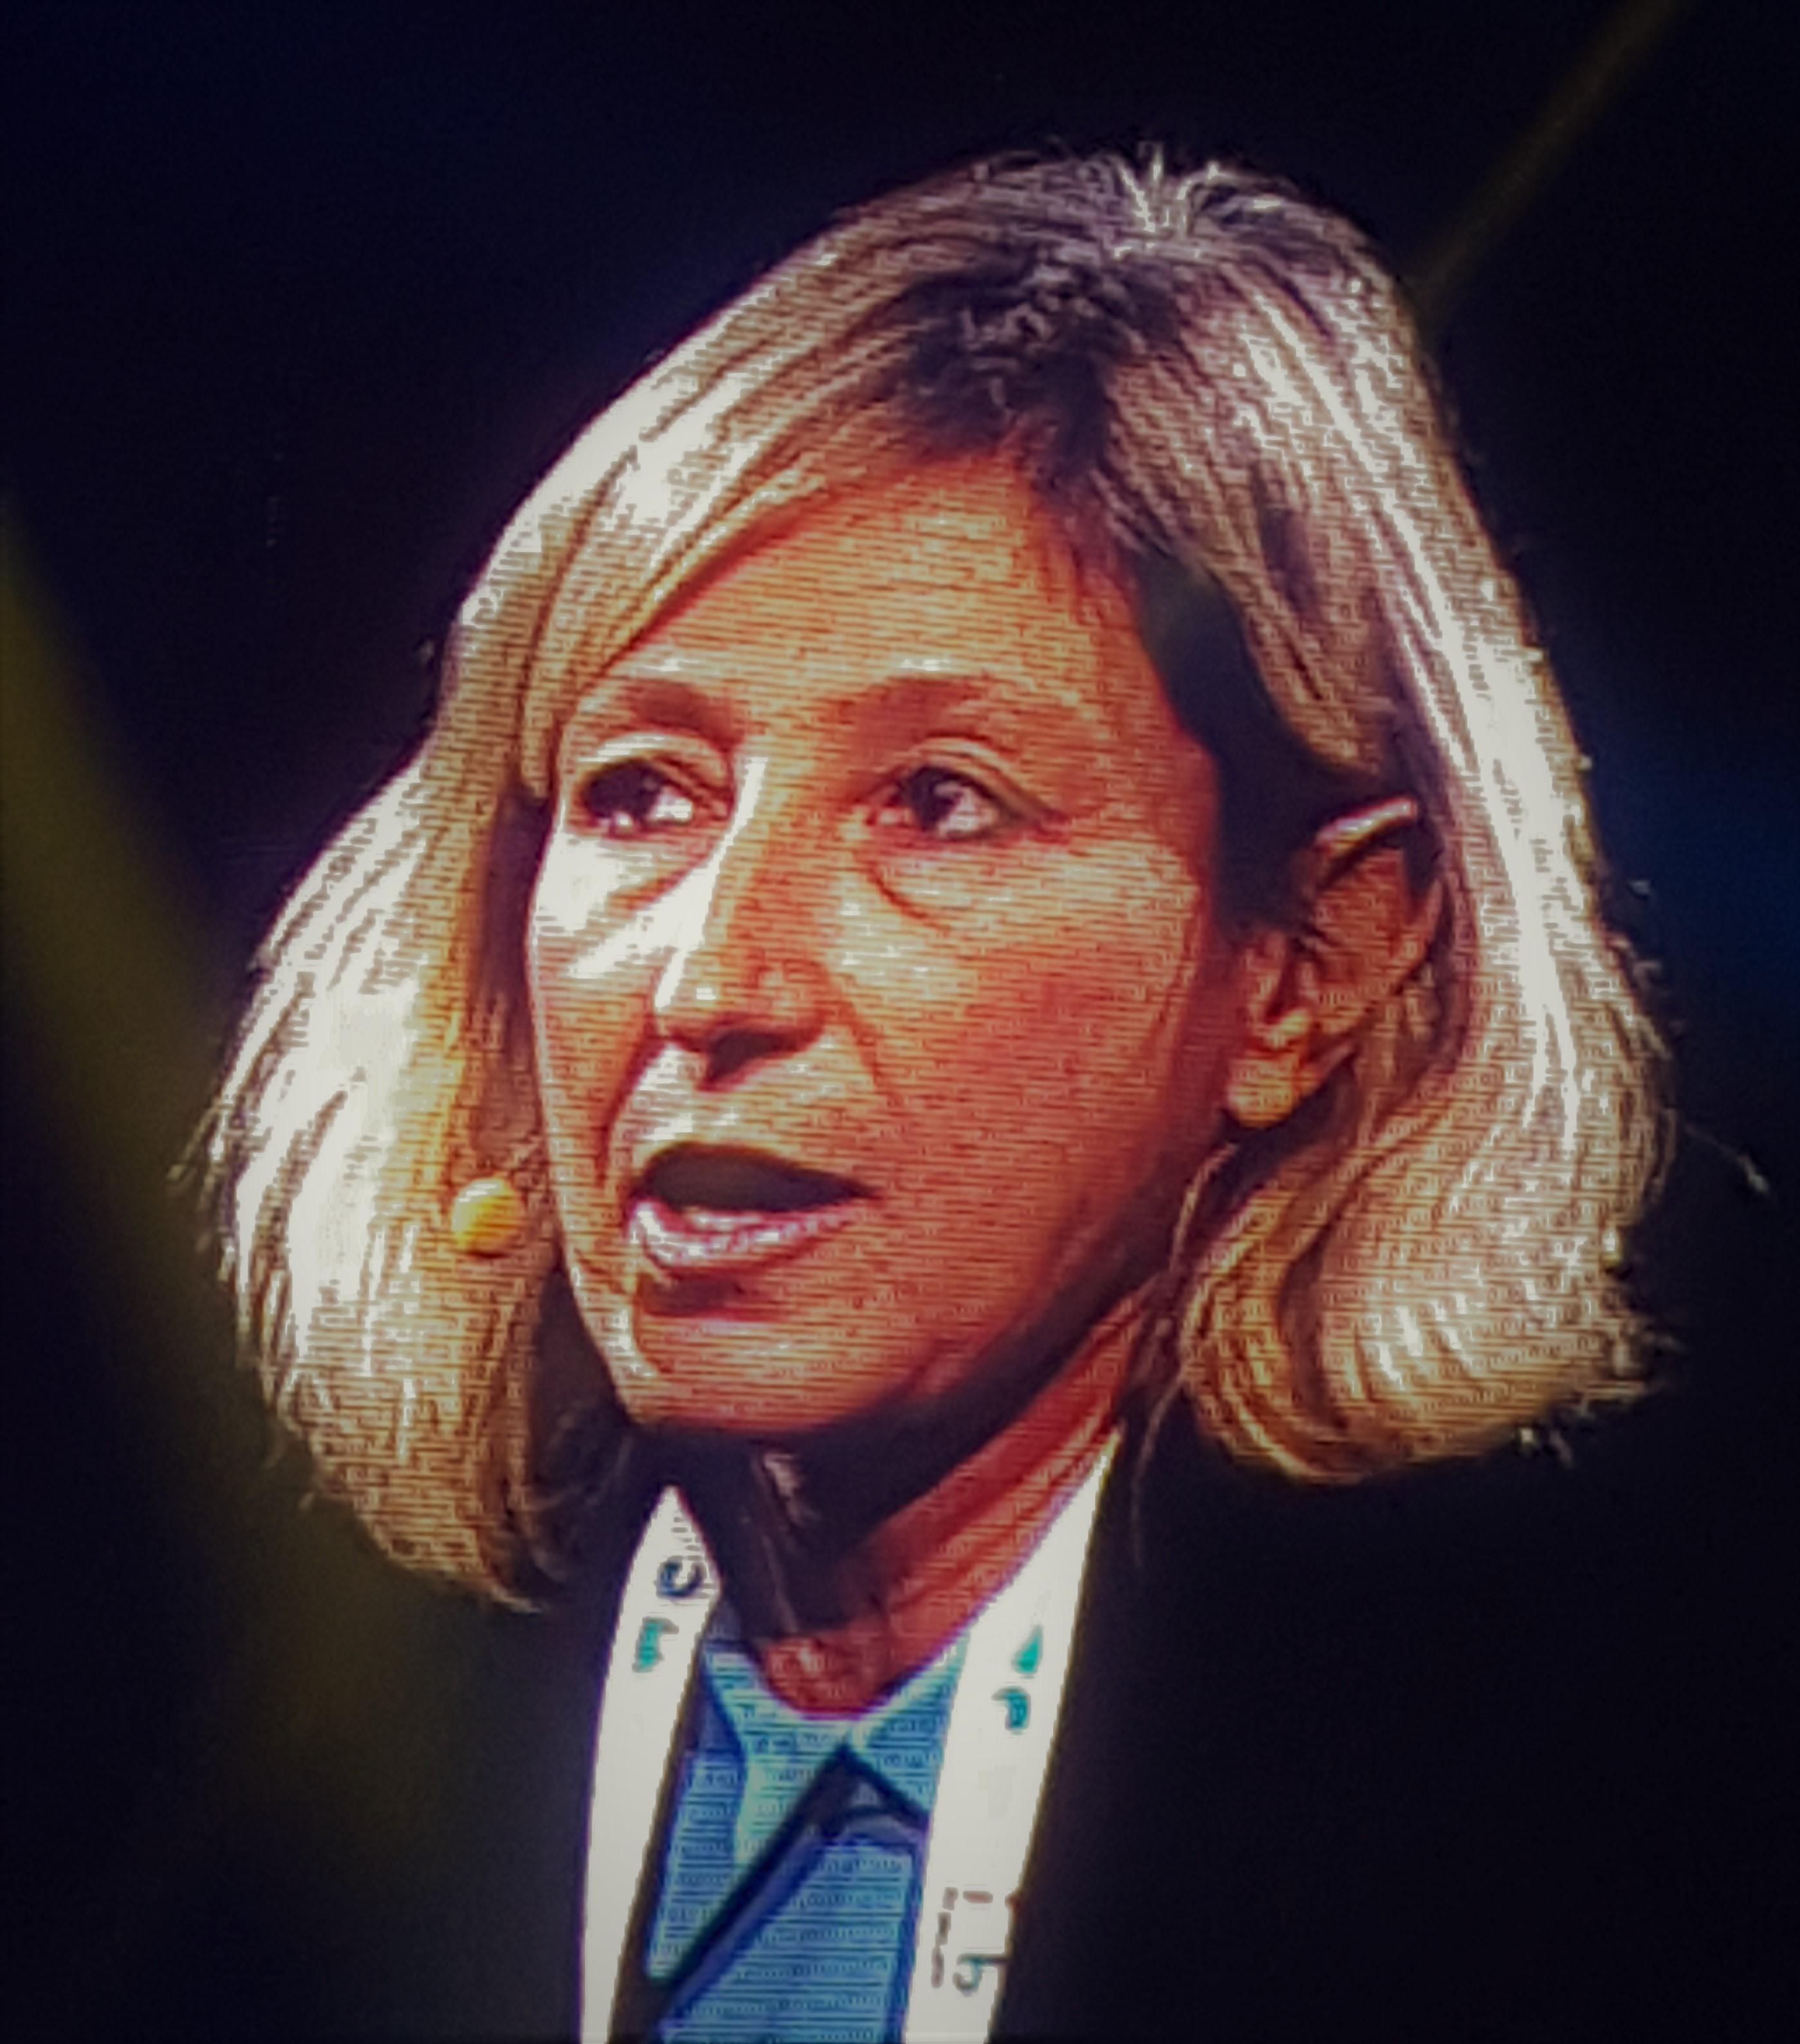 Barbara Poggiali, Direttore Marketing Strategico di Poste Italiane